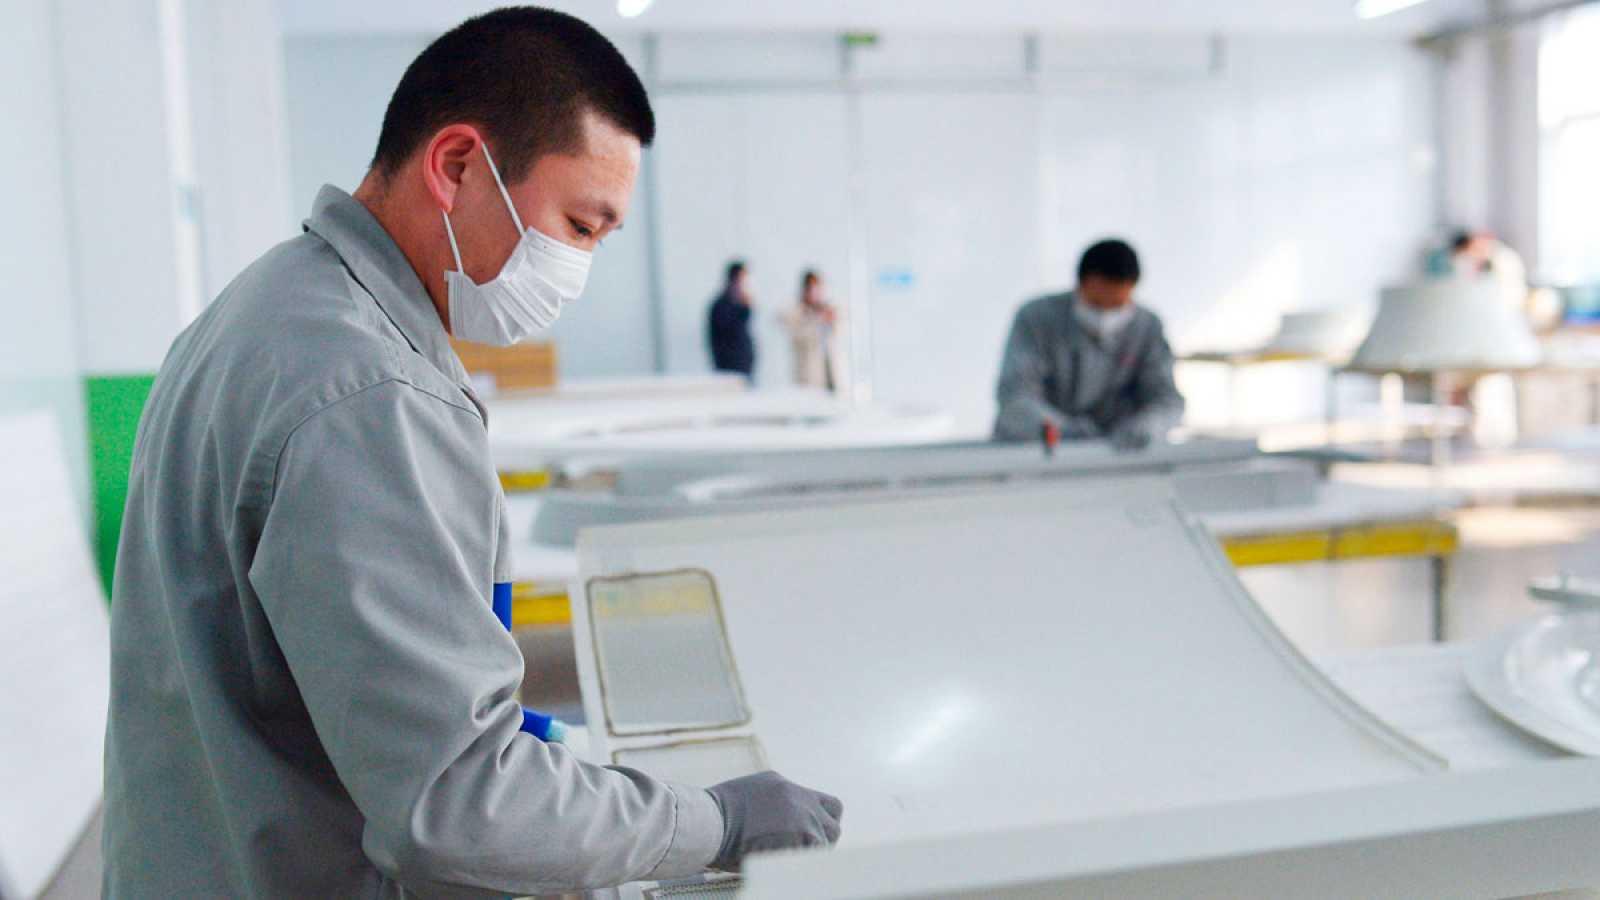 El coronavirus deja ya más muertes que el SARS